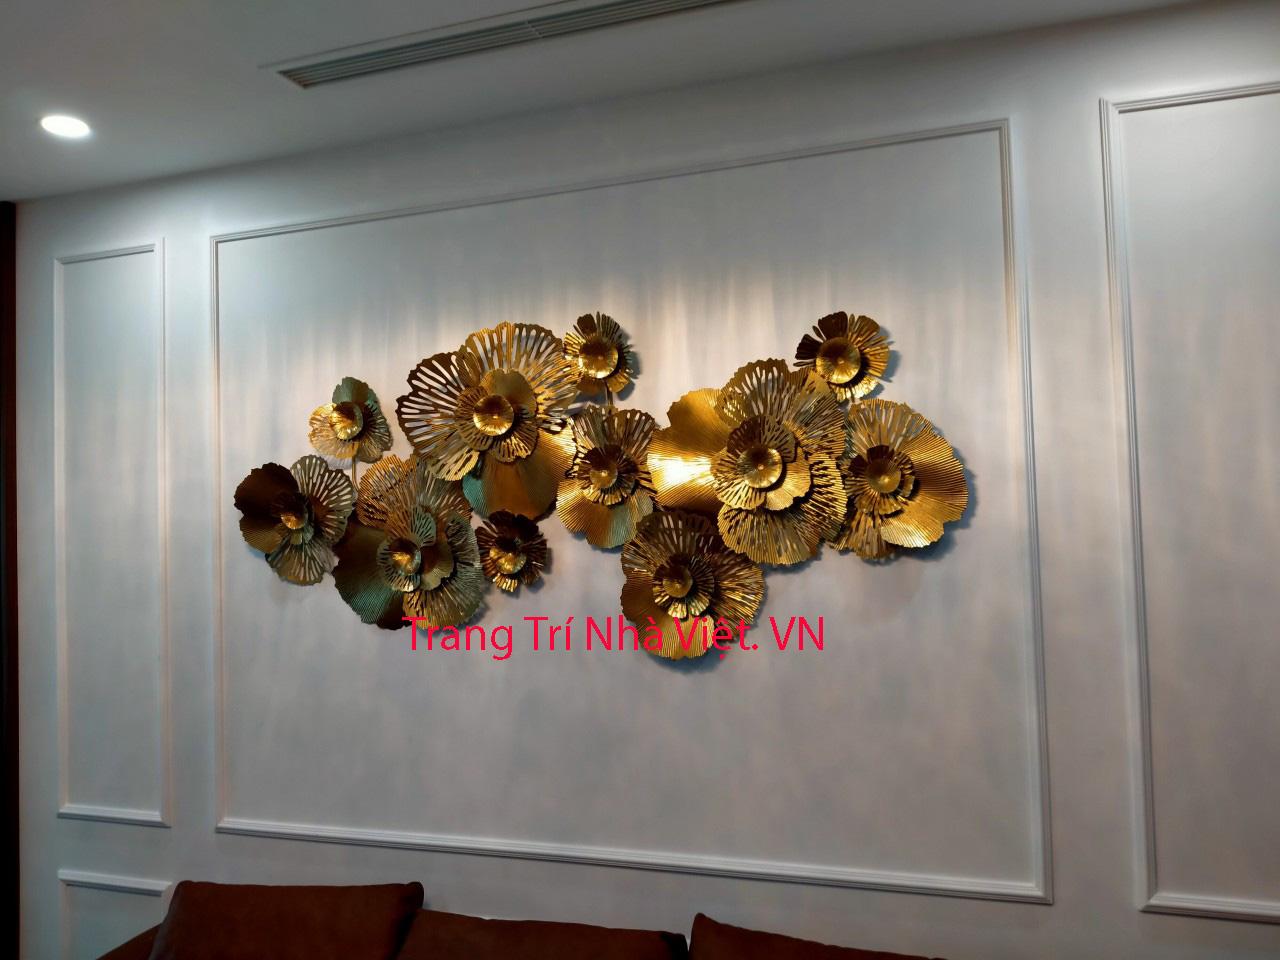 Anh Tranh Sắt Nghệ Thuật IP1038 Lắp Đặt tại Ngụy Như Kom Tum 1